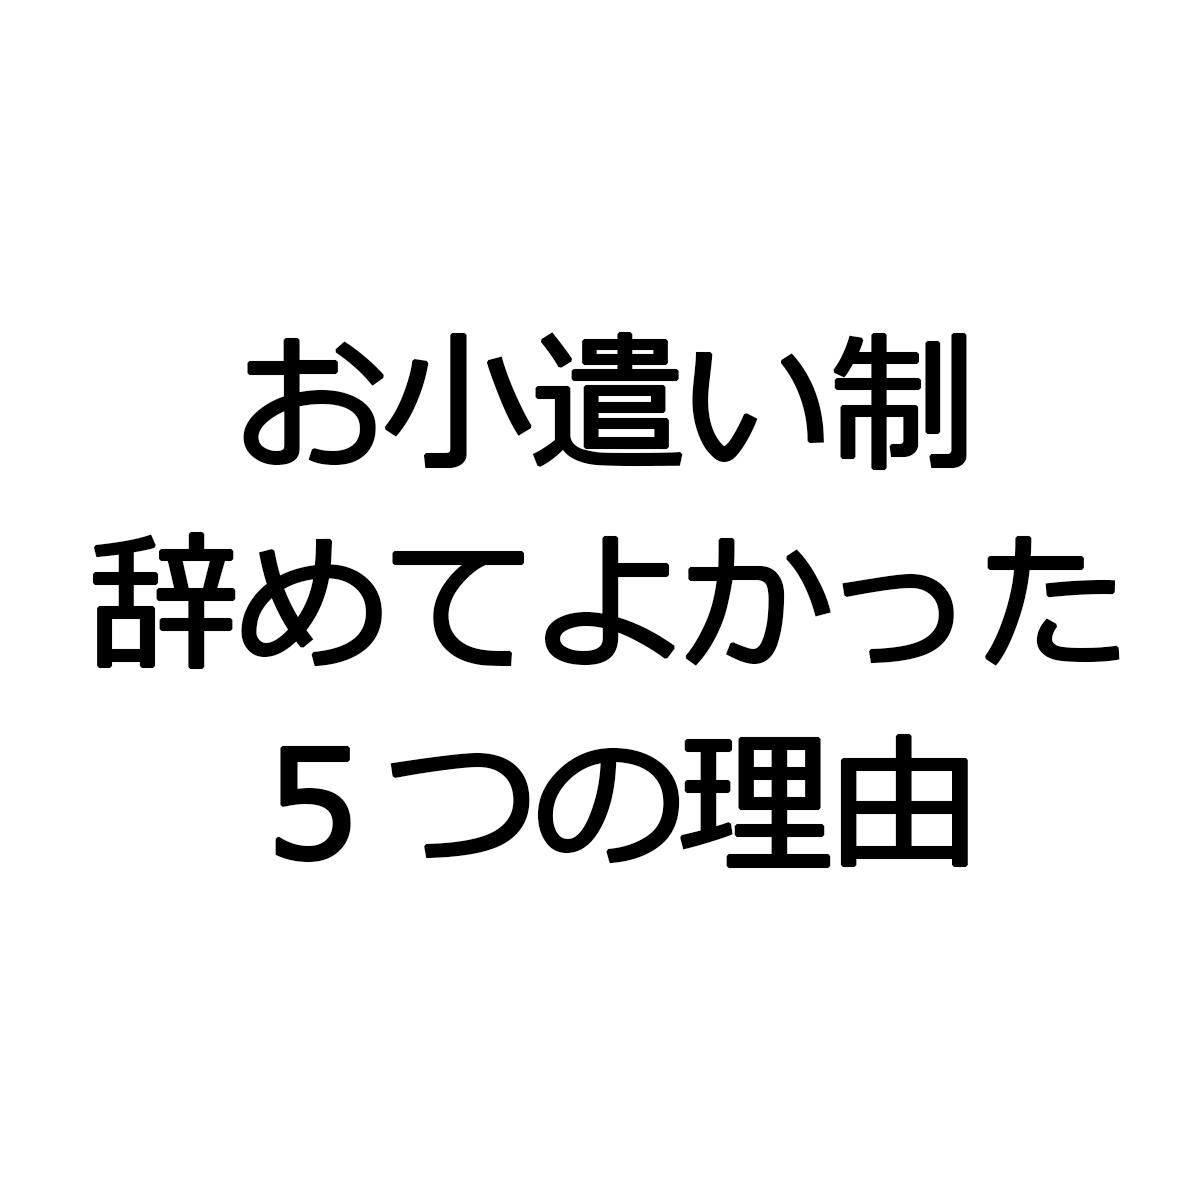 f:id:gusan42:20190611070425j:plain